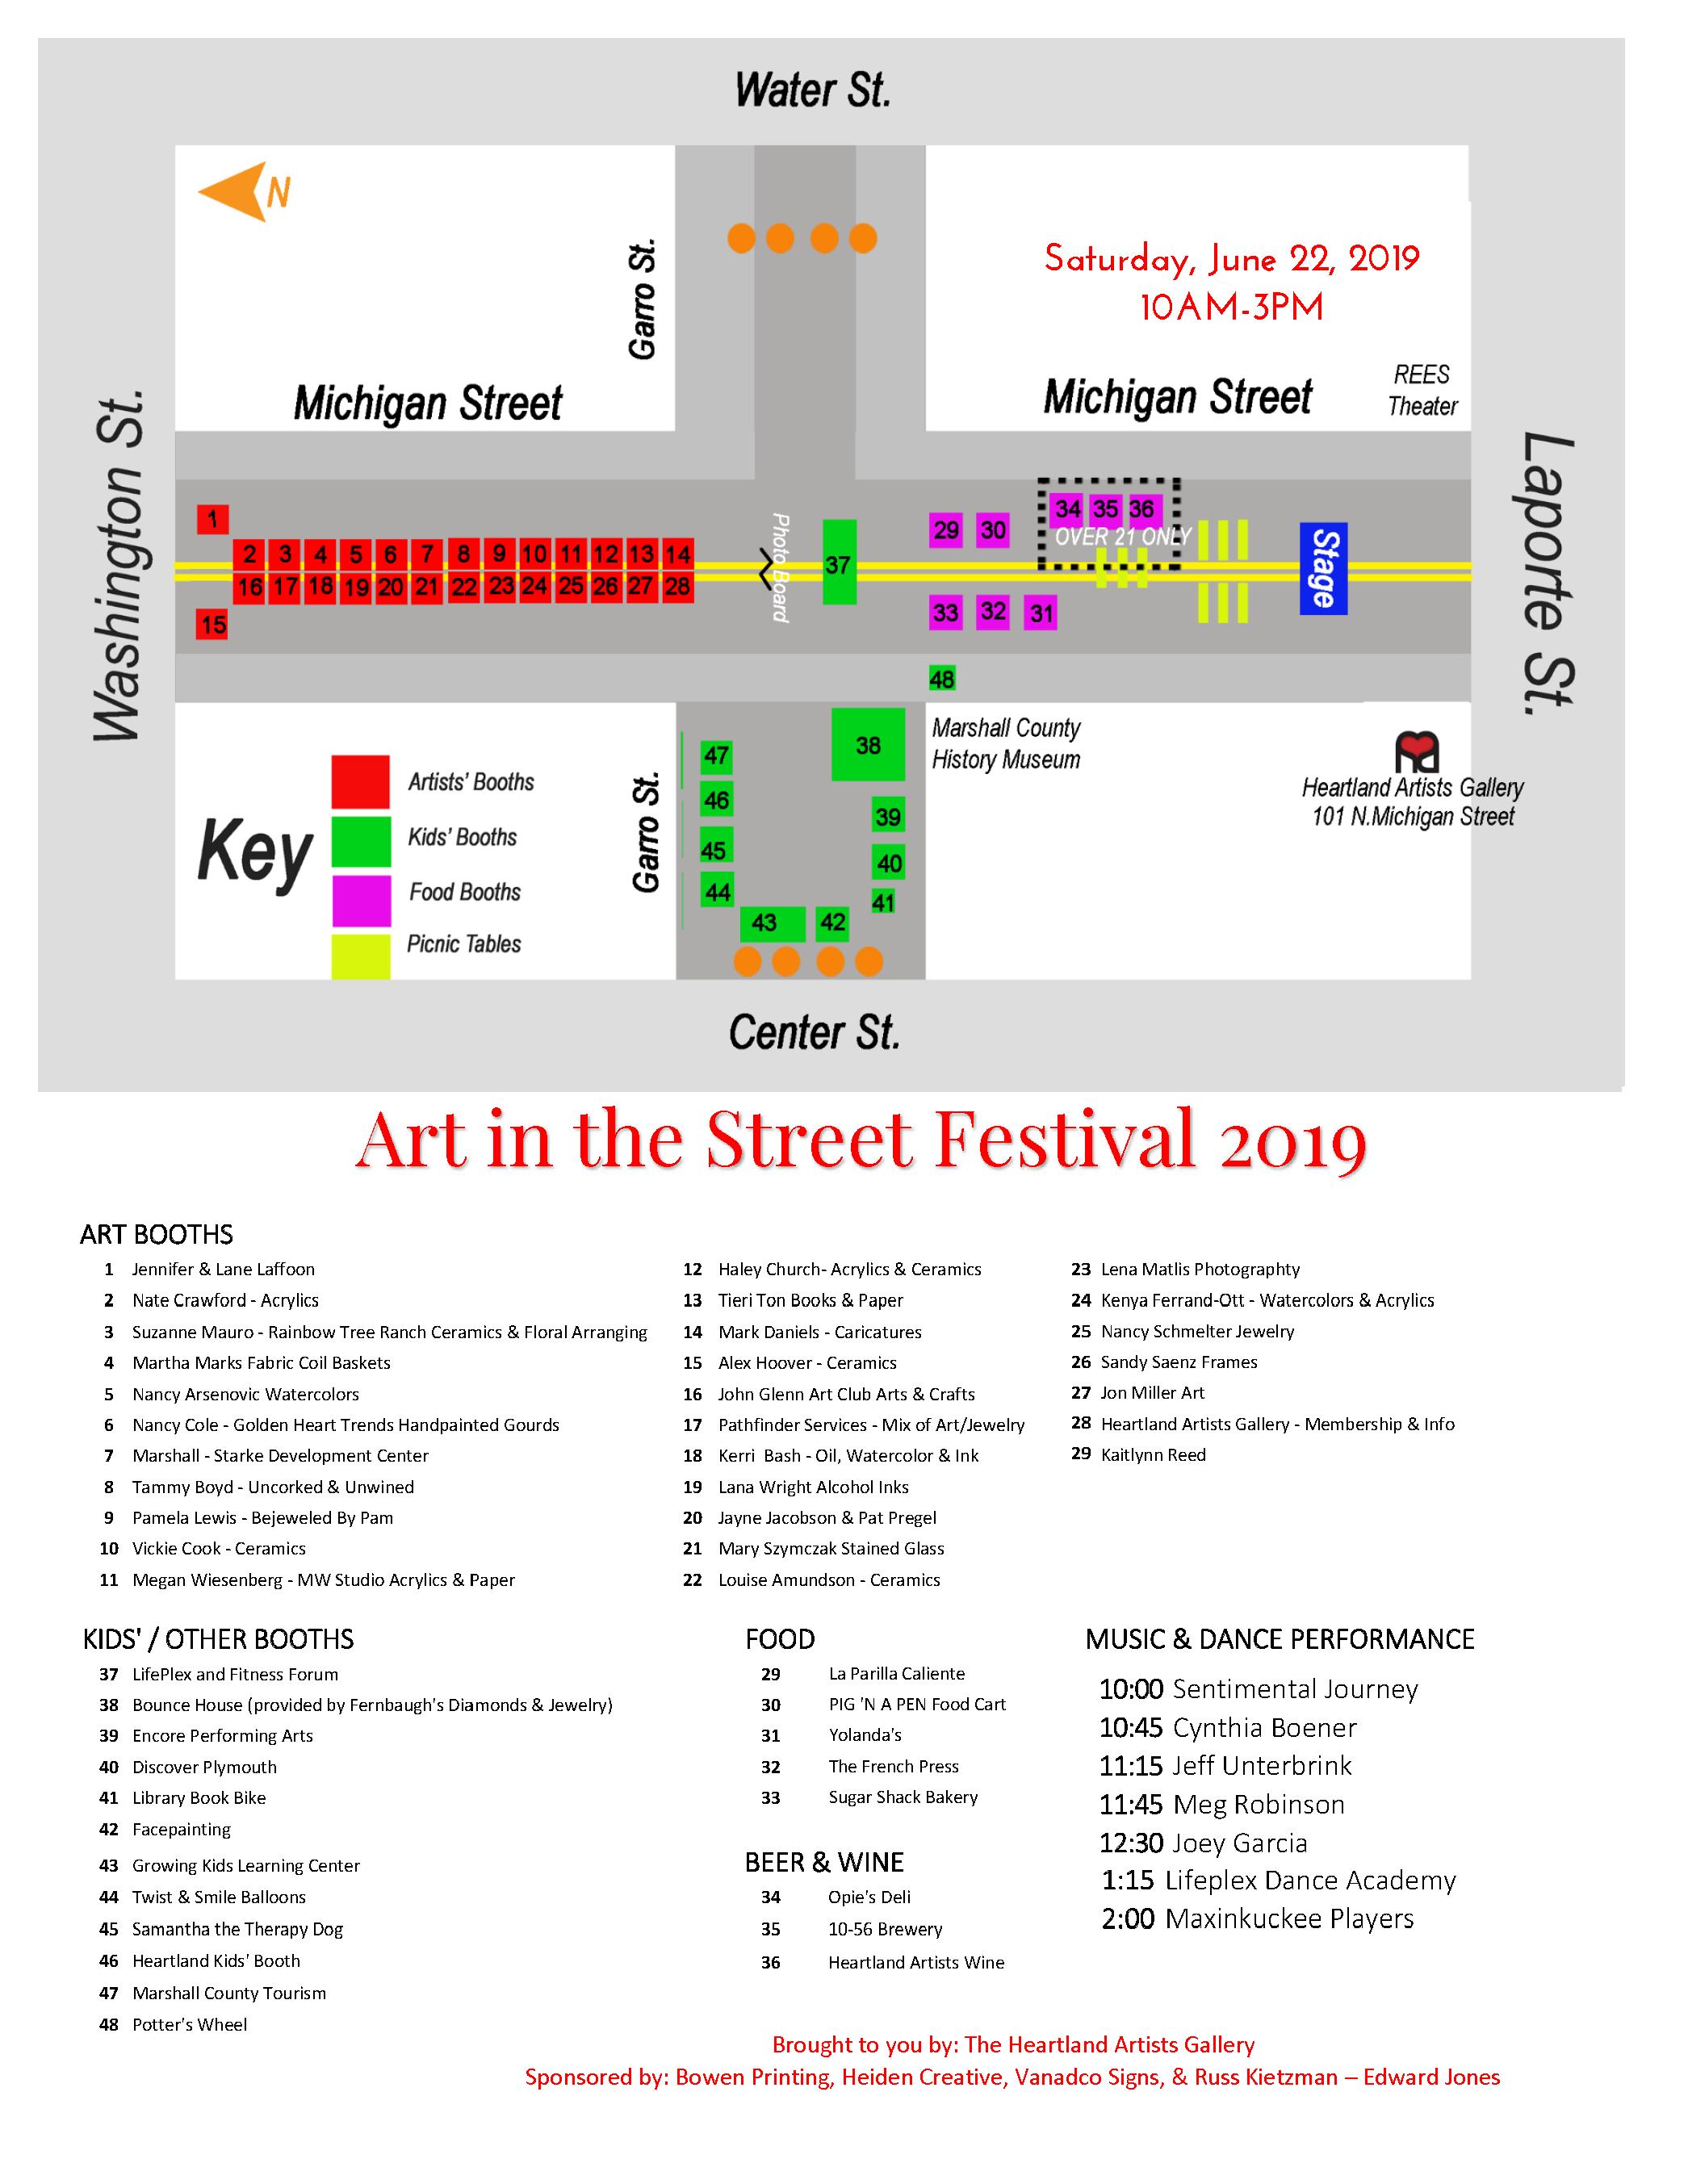 Art in the Street 2019 – Heartland Artists Gallery